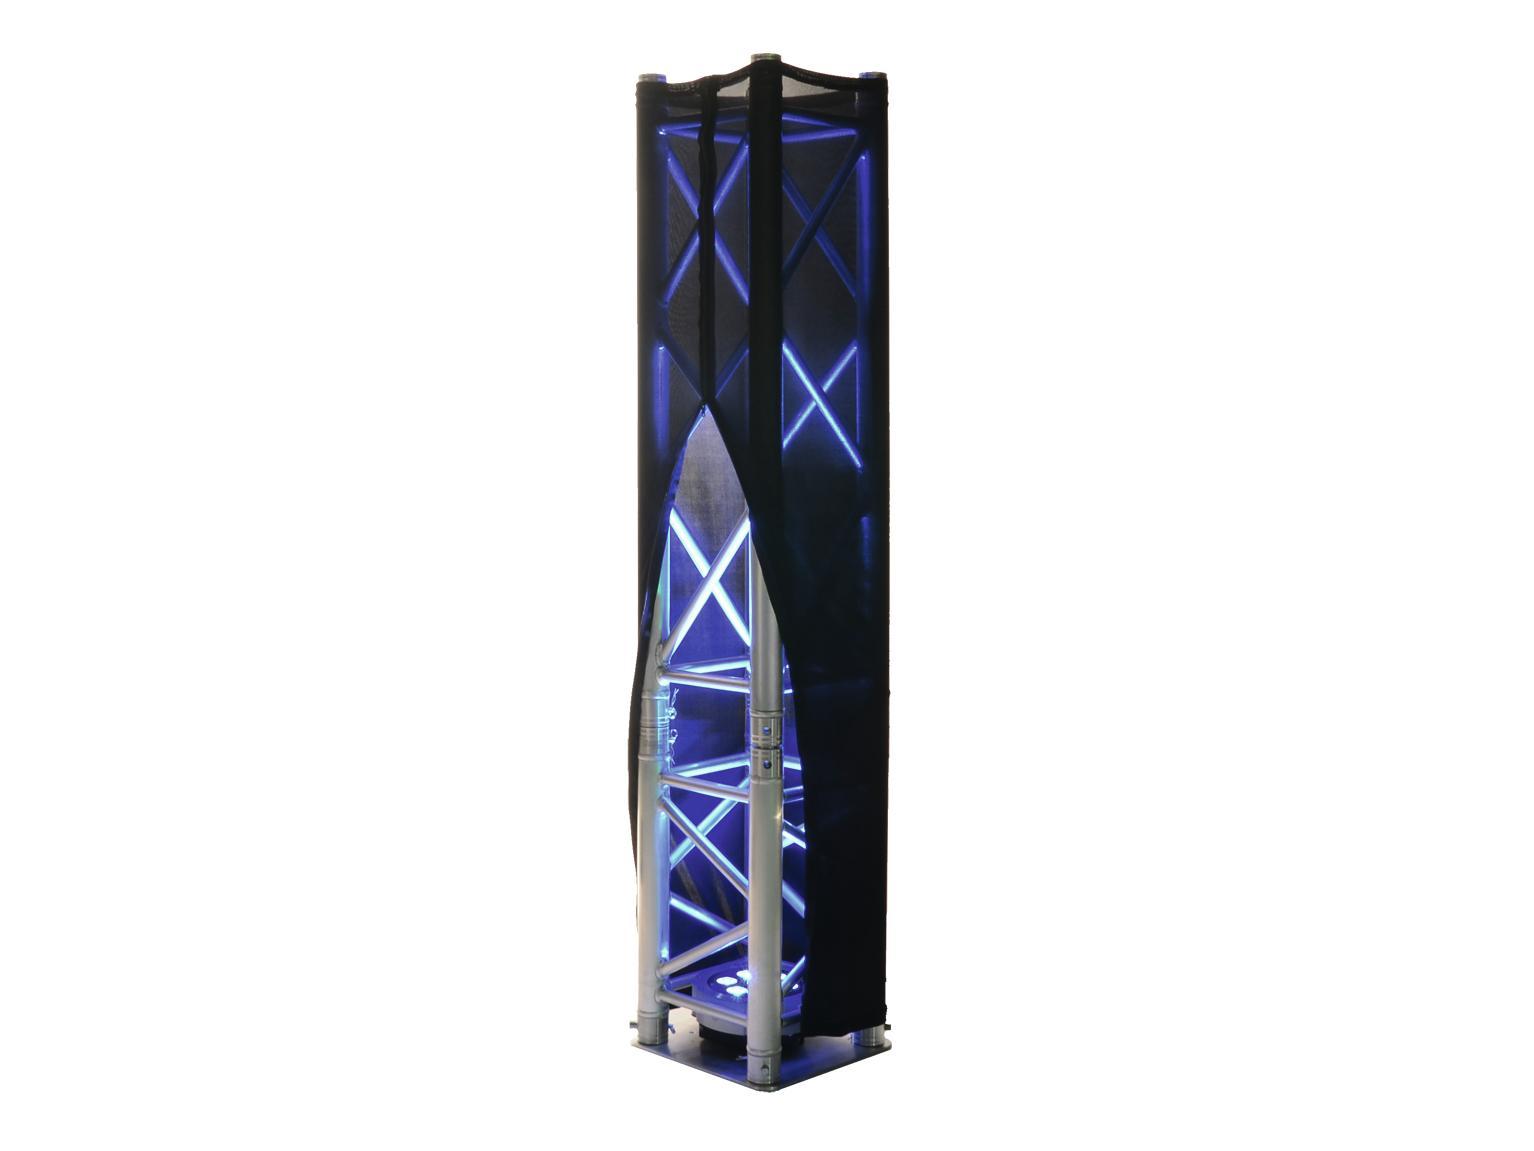 ESPANDERE XPTC25RVS Capriata di copertura 250cm nero